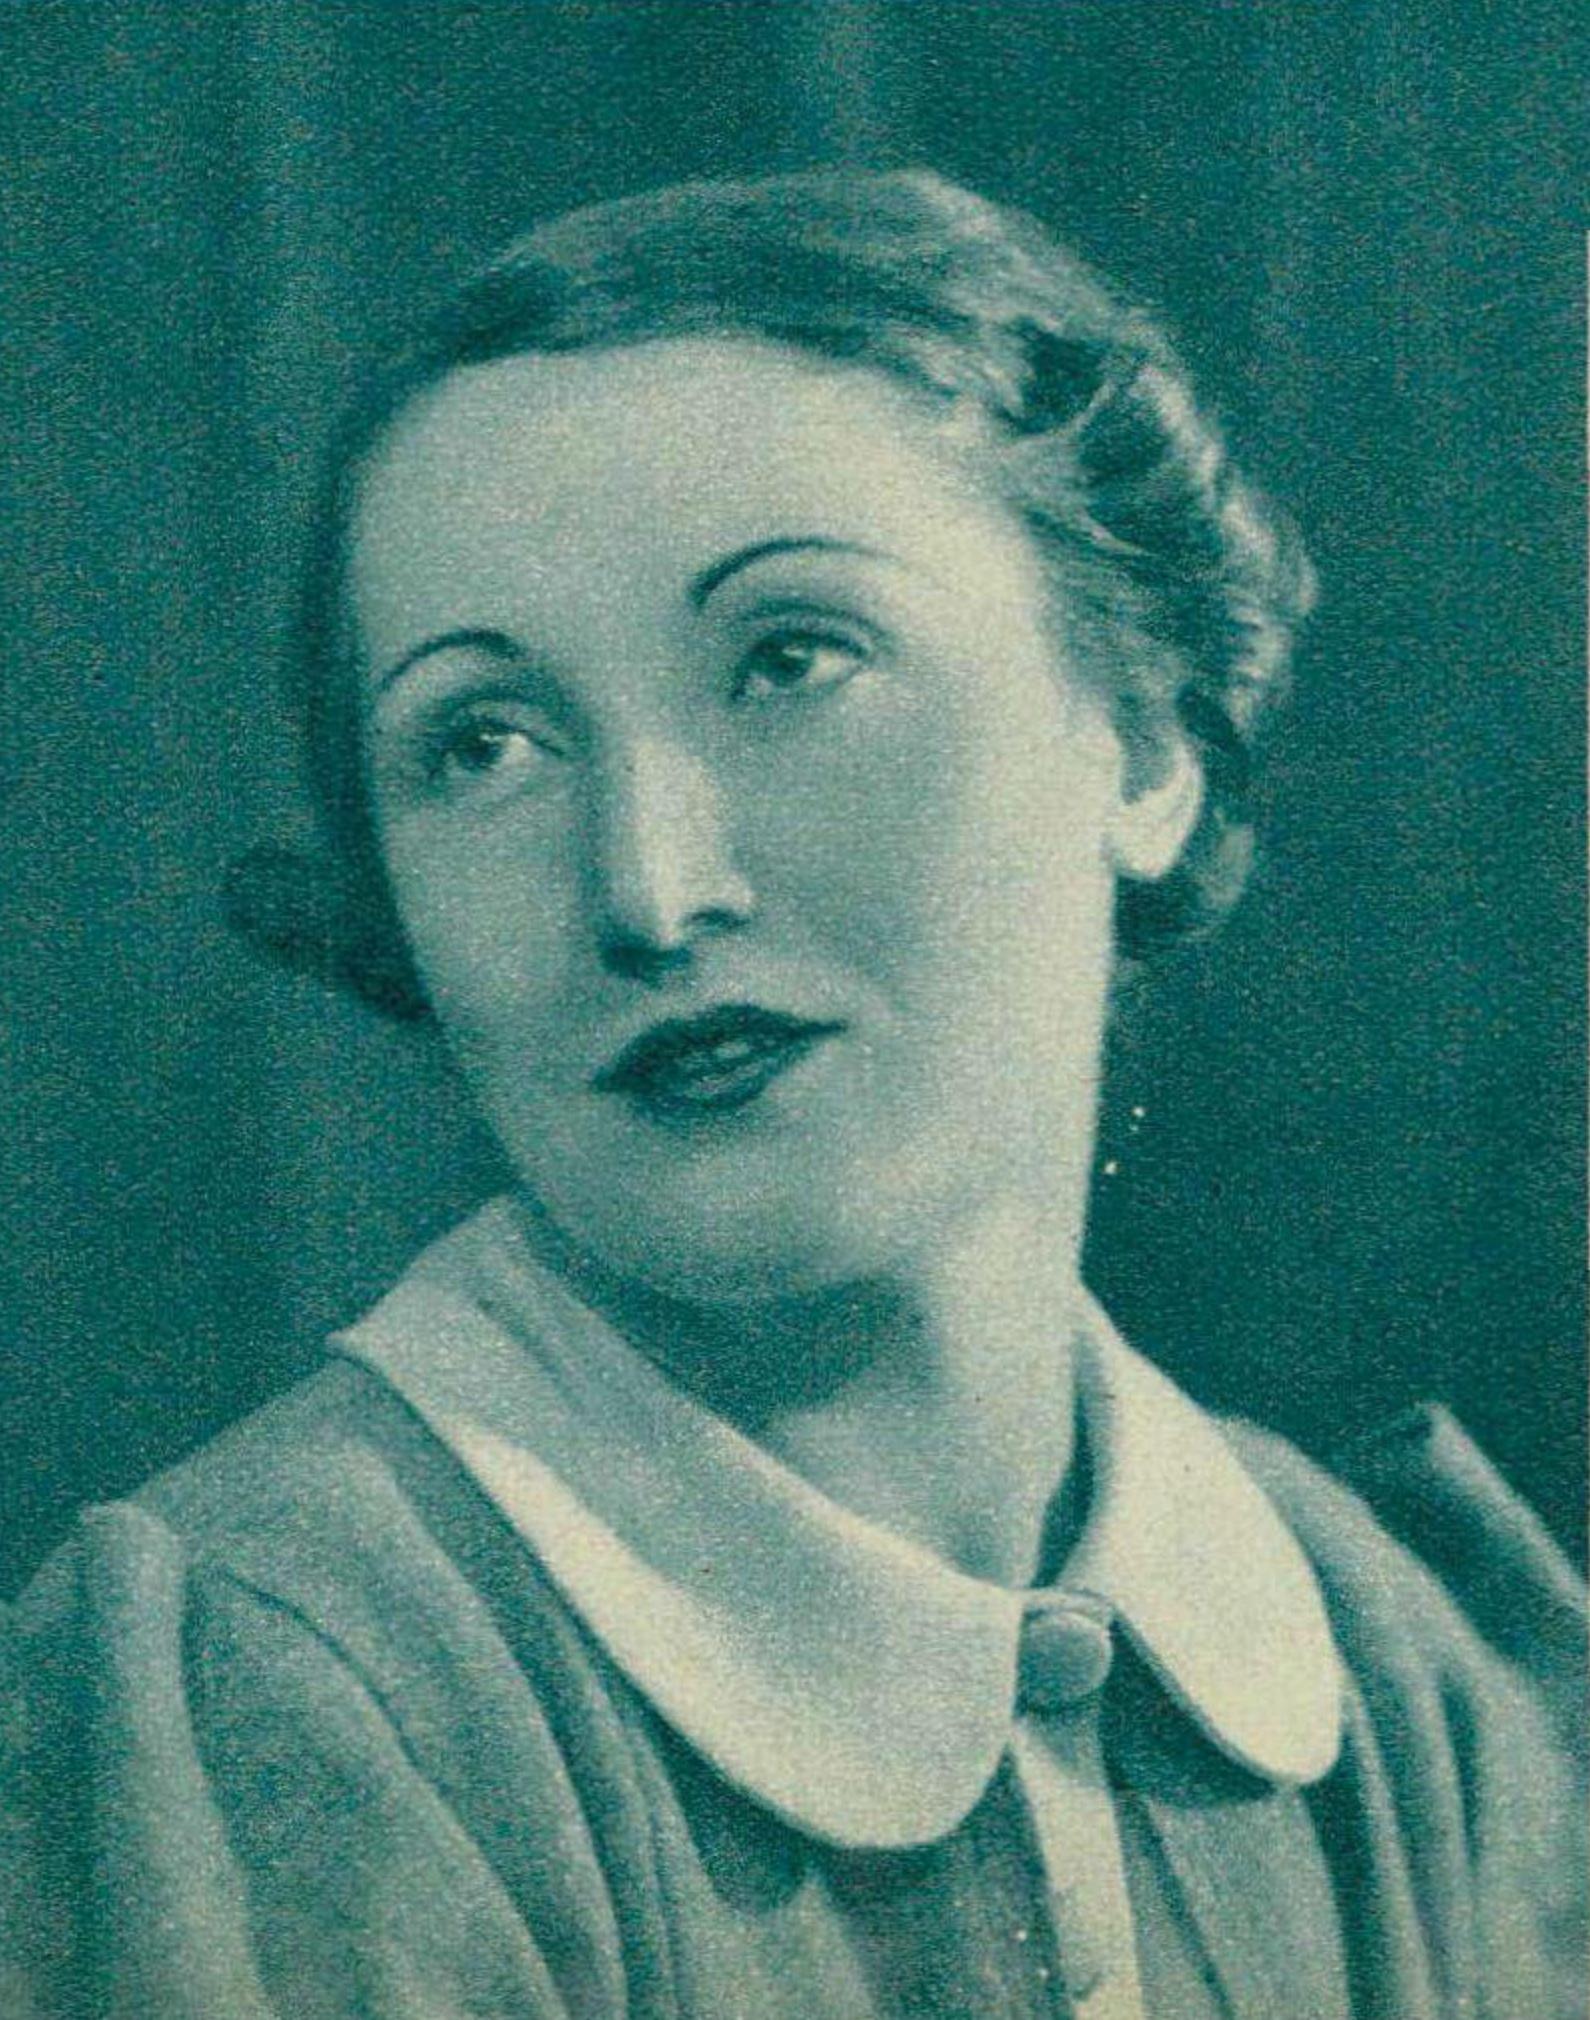 Jacqueline BLANCARD vers 1936, un portrait de Photo Helios, Genève, publié entre autres dans la revue Le Radio du 31 juillet 1936 en page 1396